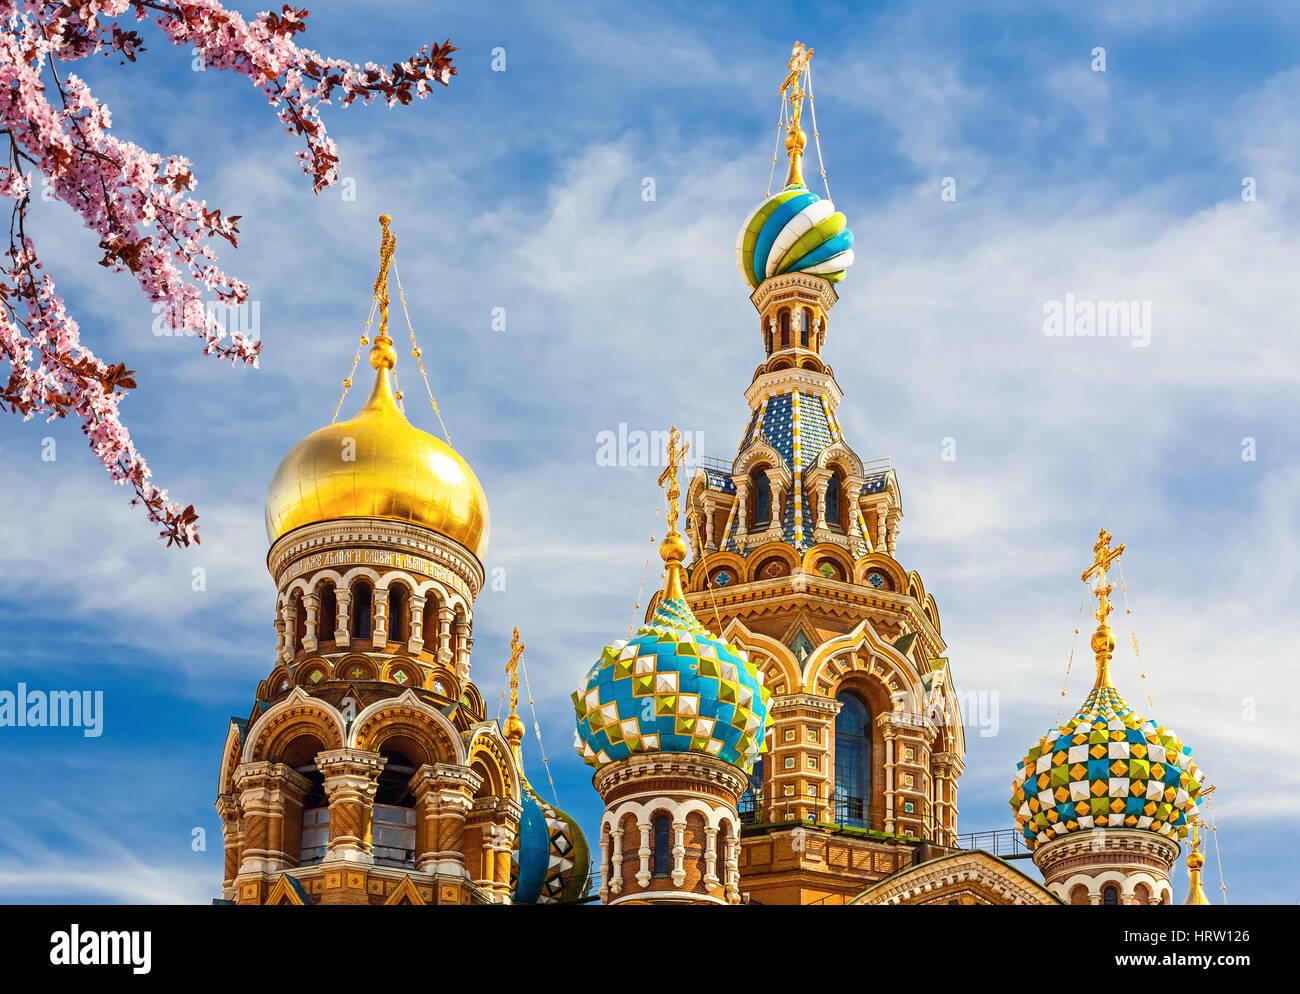 Eglise du Sauveur sur le Sang Versé à Saint-Pétersbourg, Russie Photo Stock